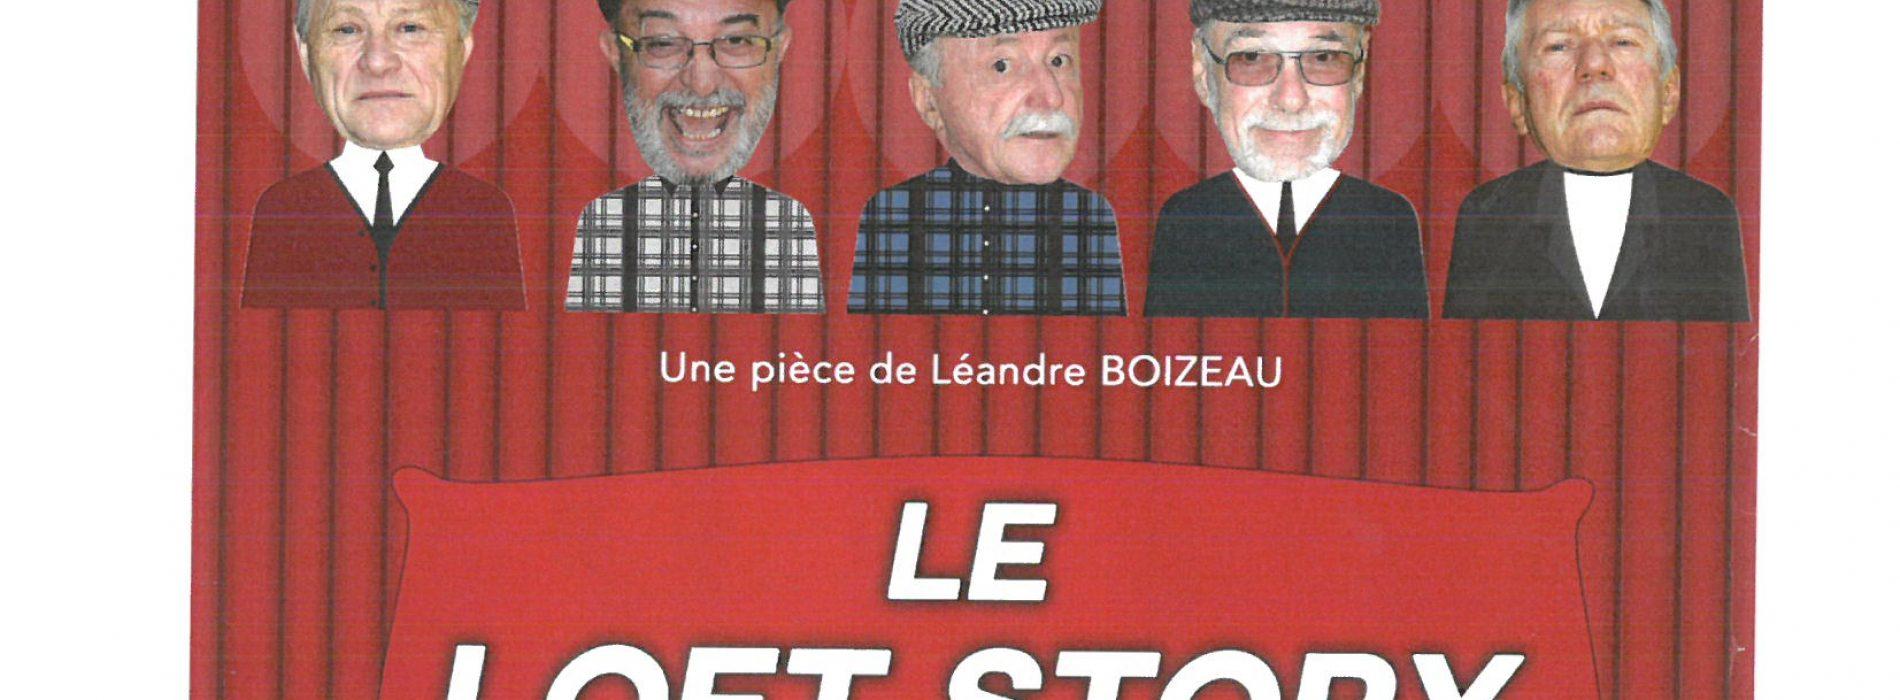 """SOIREE THEATRE """"LE MUSEE DES RONCHONS"""" le Samedi 7 Octobre -20h30 à l'ECLAM"""